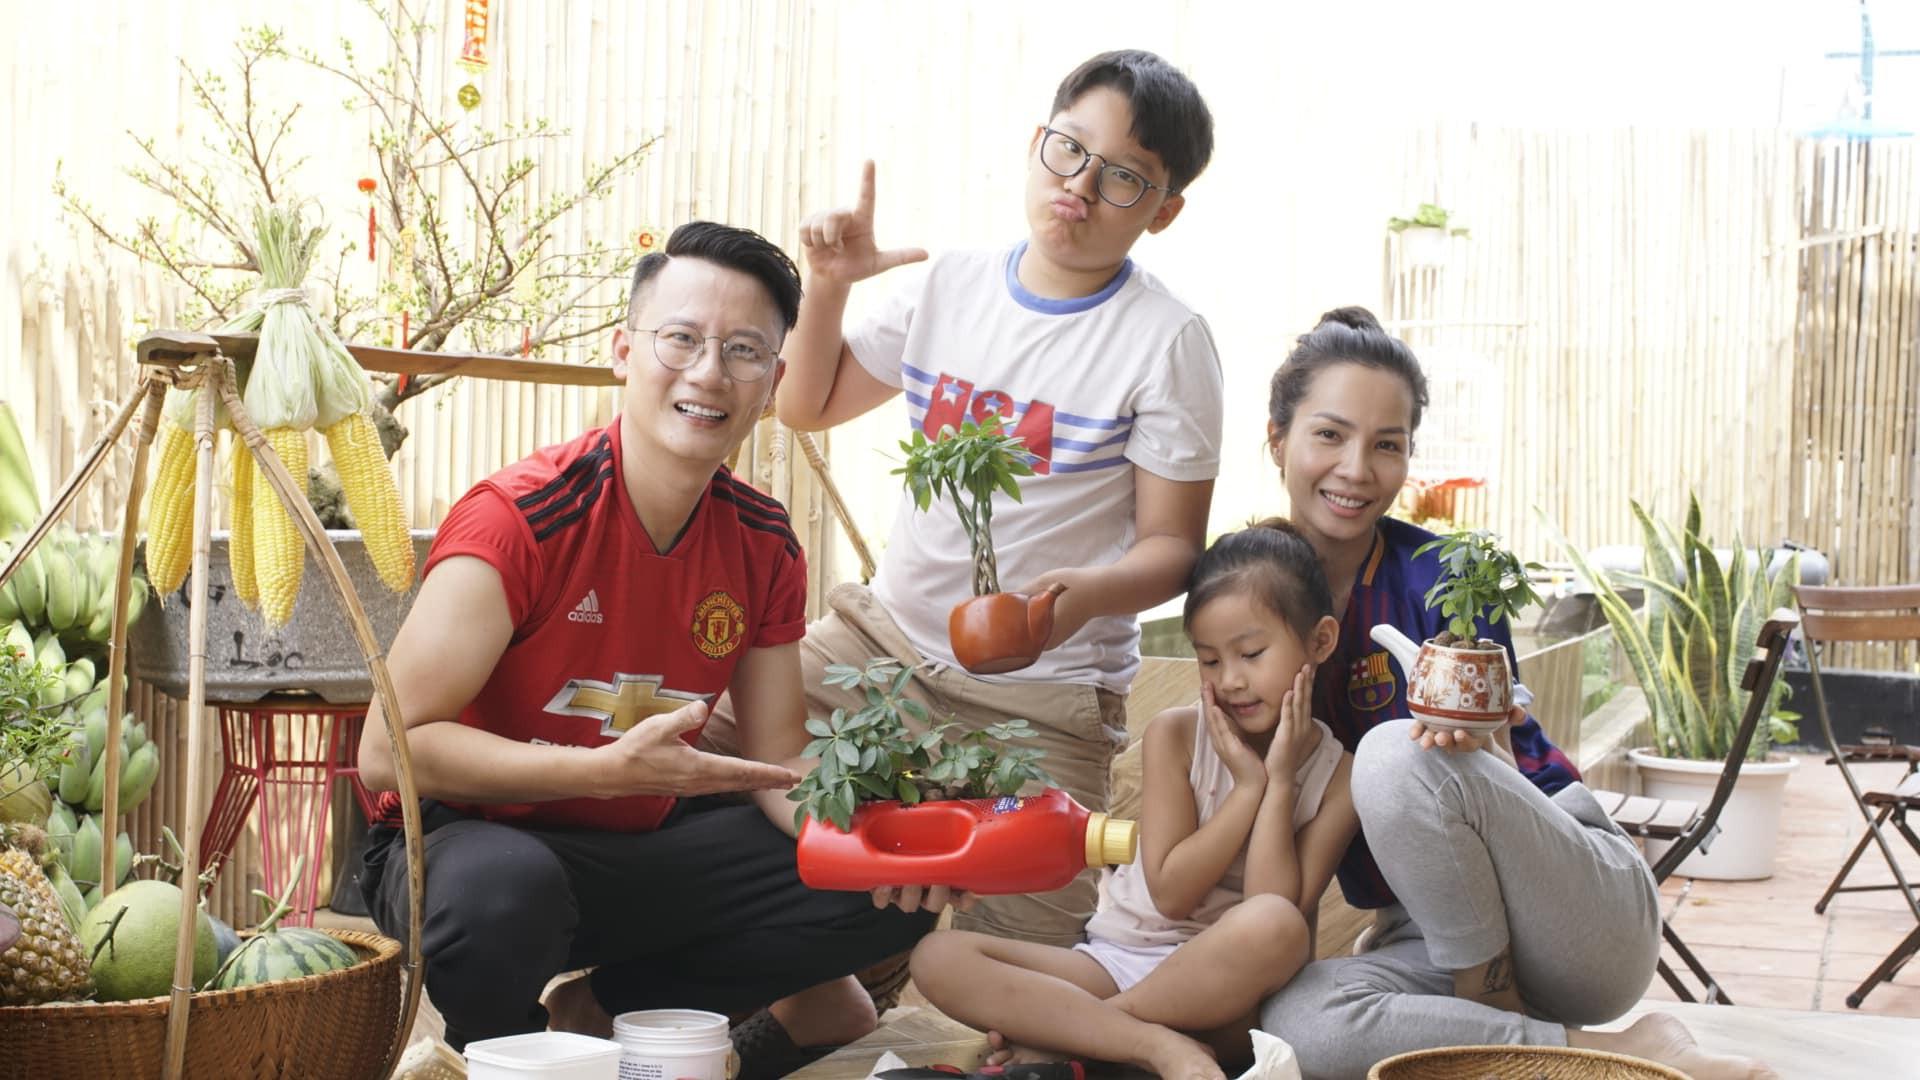 Đây là cách Hoàng Bách kỷ niệm 15 năm ngày yêu đặc biệt nhất với bà xã Thanh Thảo-3